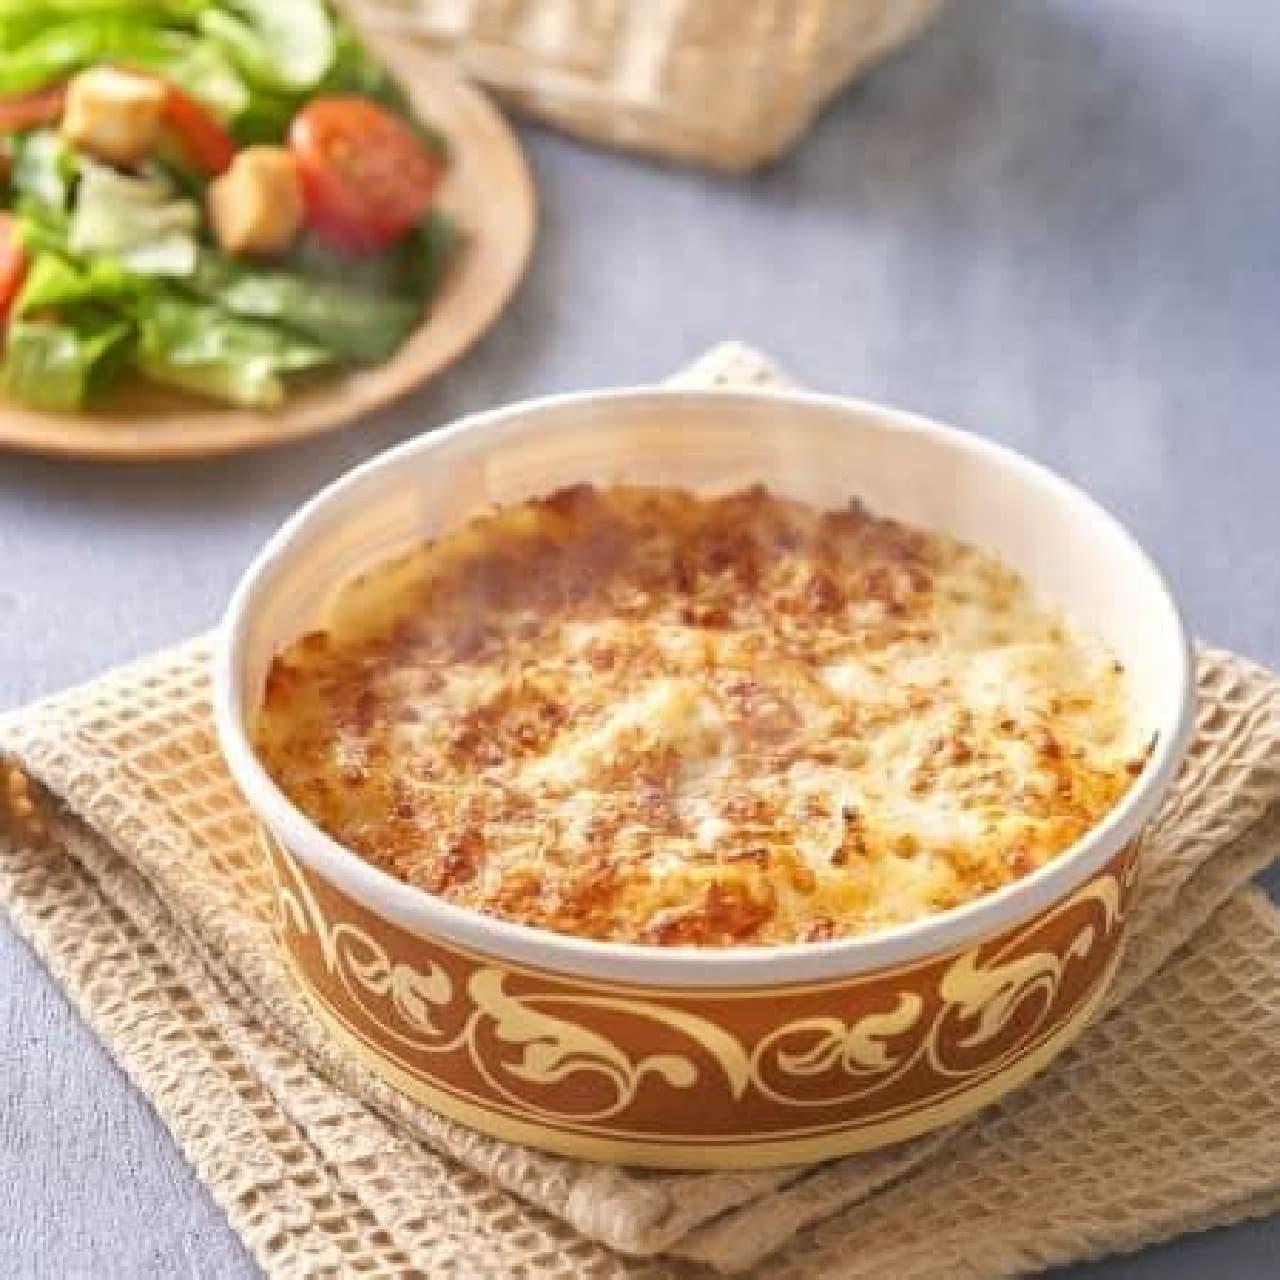 セブン-イレブン「セブンプレミアム 5種のチーズグラタン」